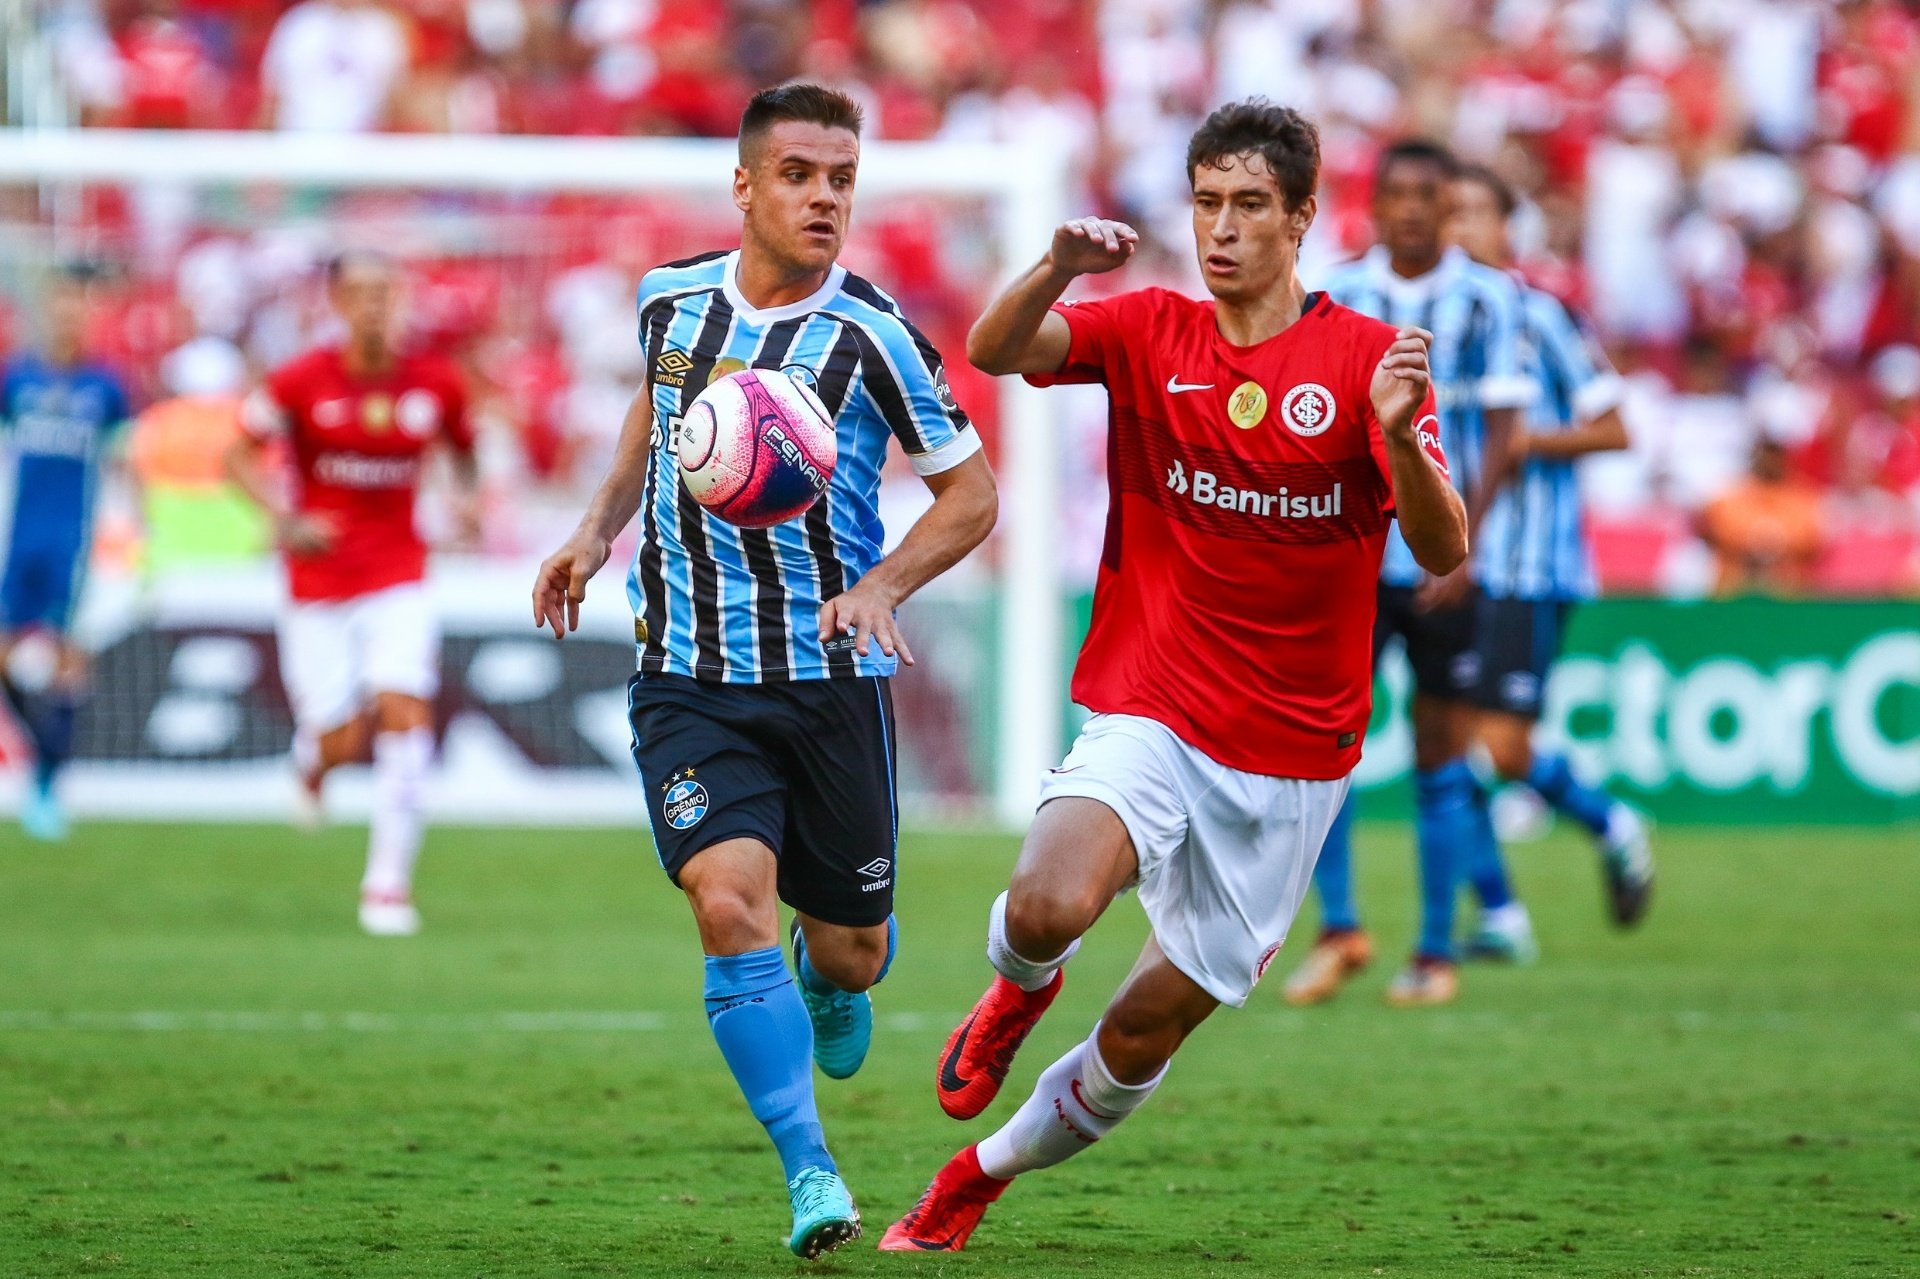 Grêmio amplia série invicta e quebra jejum ao mesmo tempo no Gre-Nal -  11 03 2018 - UOL Esporte 6c4c788b4d3fc